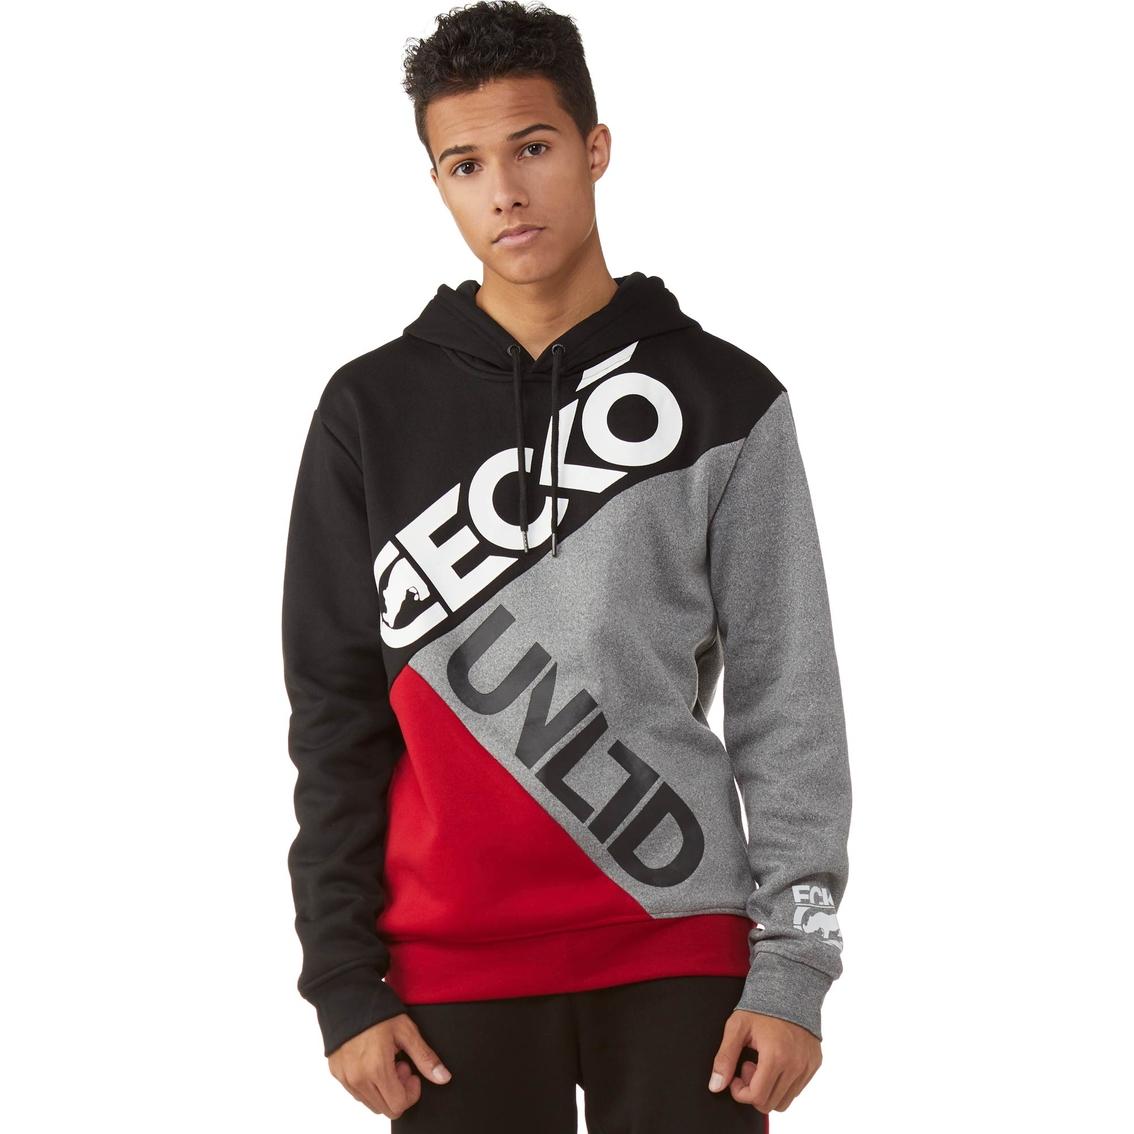 Ecko Unltd Color Block Long Sleeve Hoodie | Sweatshirts